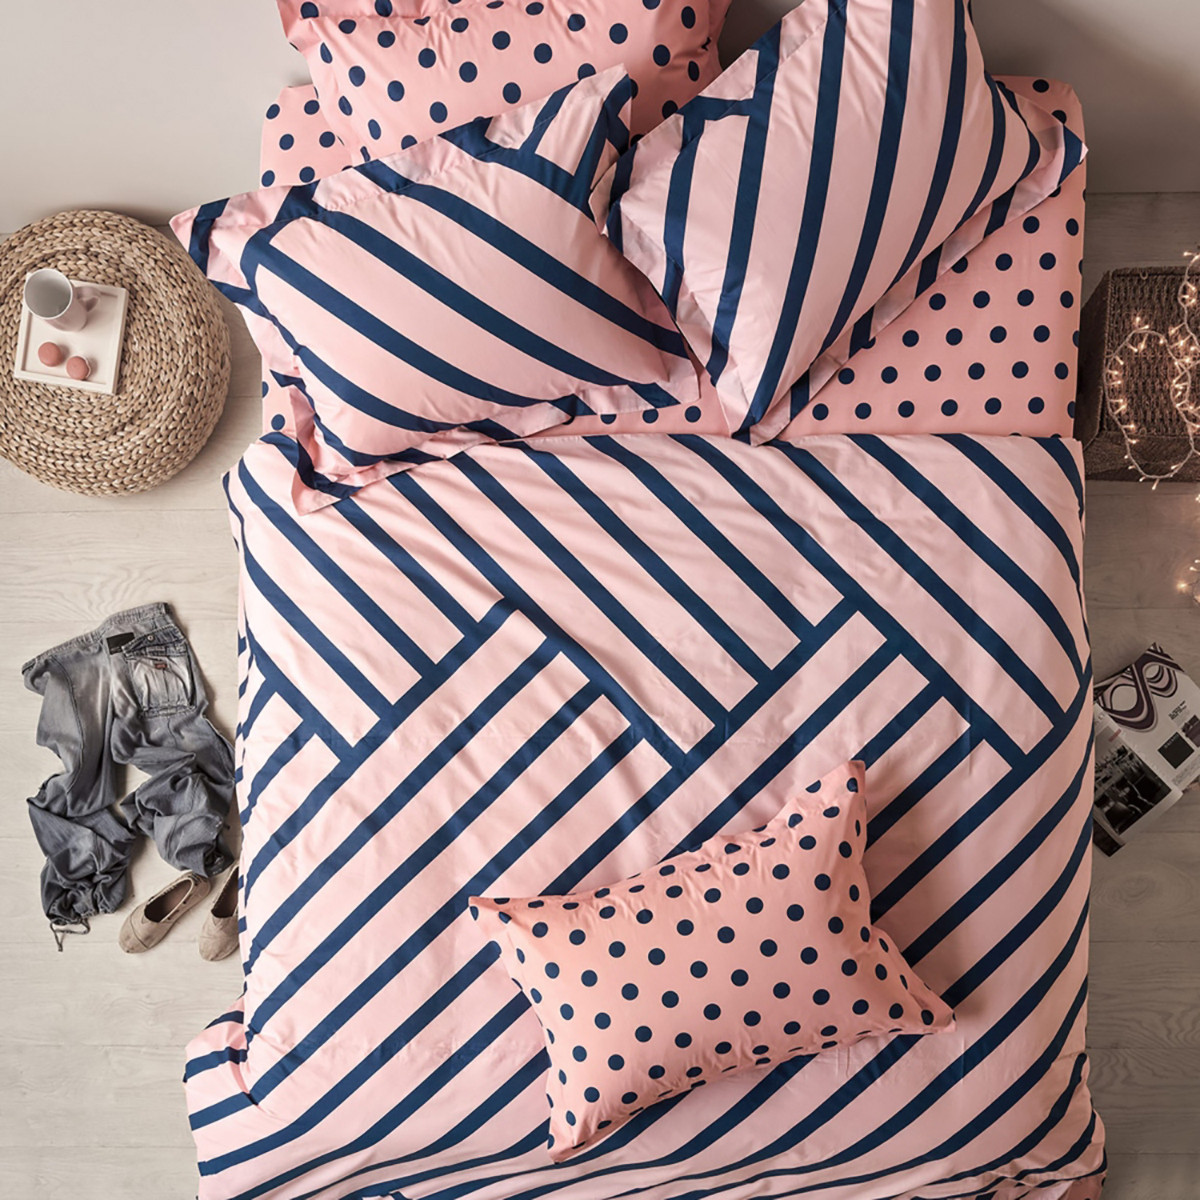 Σεντόνια Ημίδιπλα (Σετ) Kentia Versus Andy 14 home   κρεβατοκάμαρα   σεντόνια   σεντόνια ημίδιπλα   διπλά